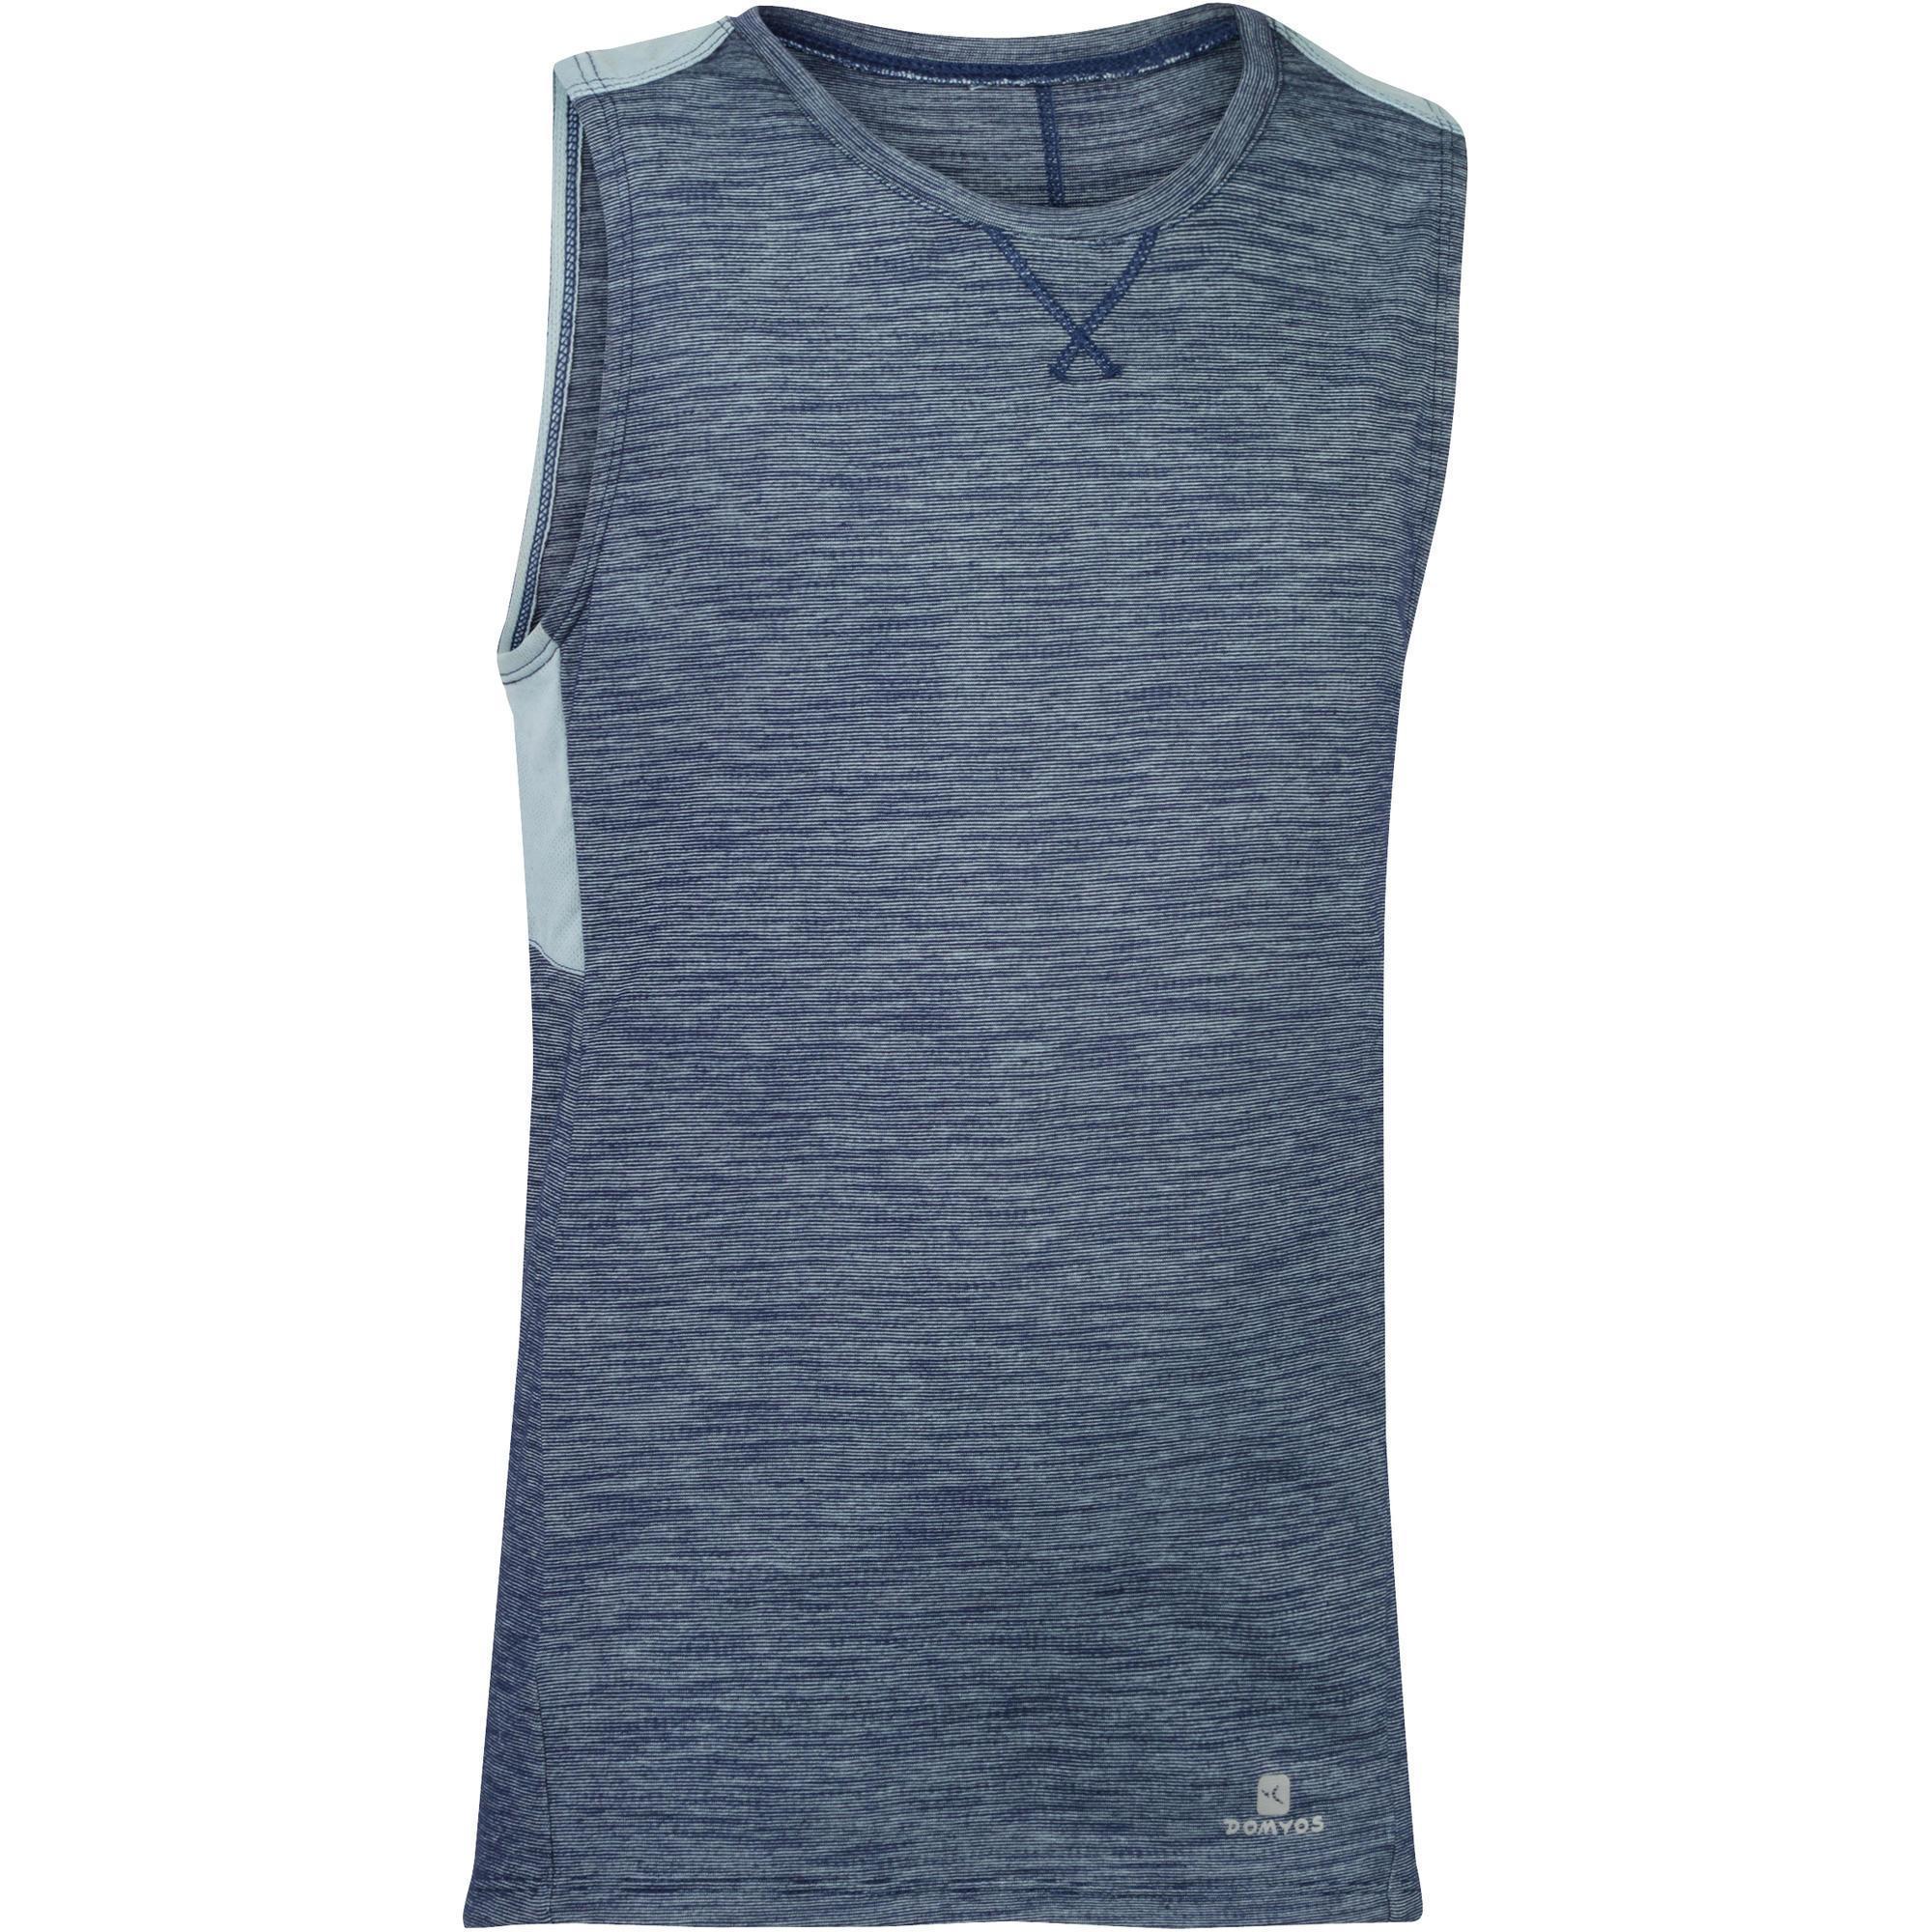 Domyos Mouwloos gymshirt 500 voor jongens grijs